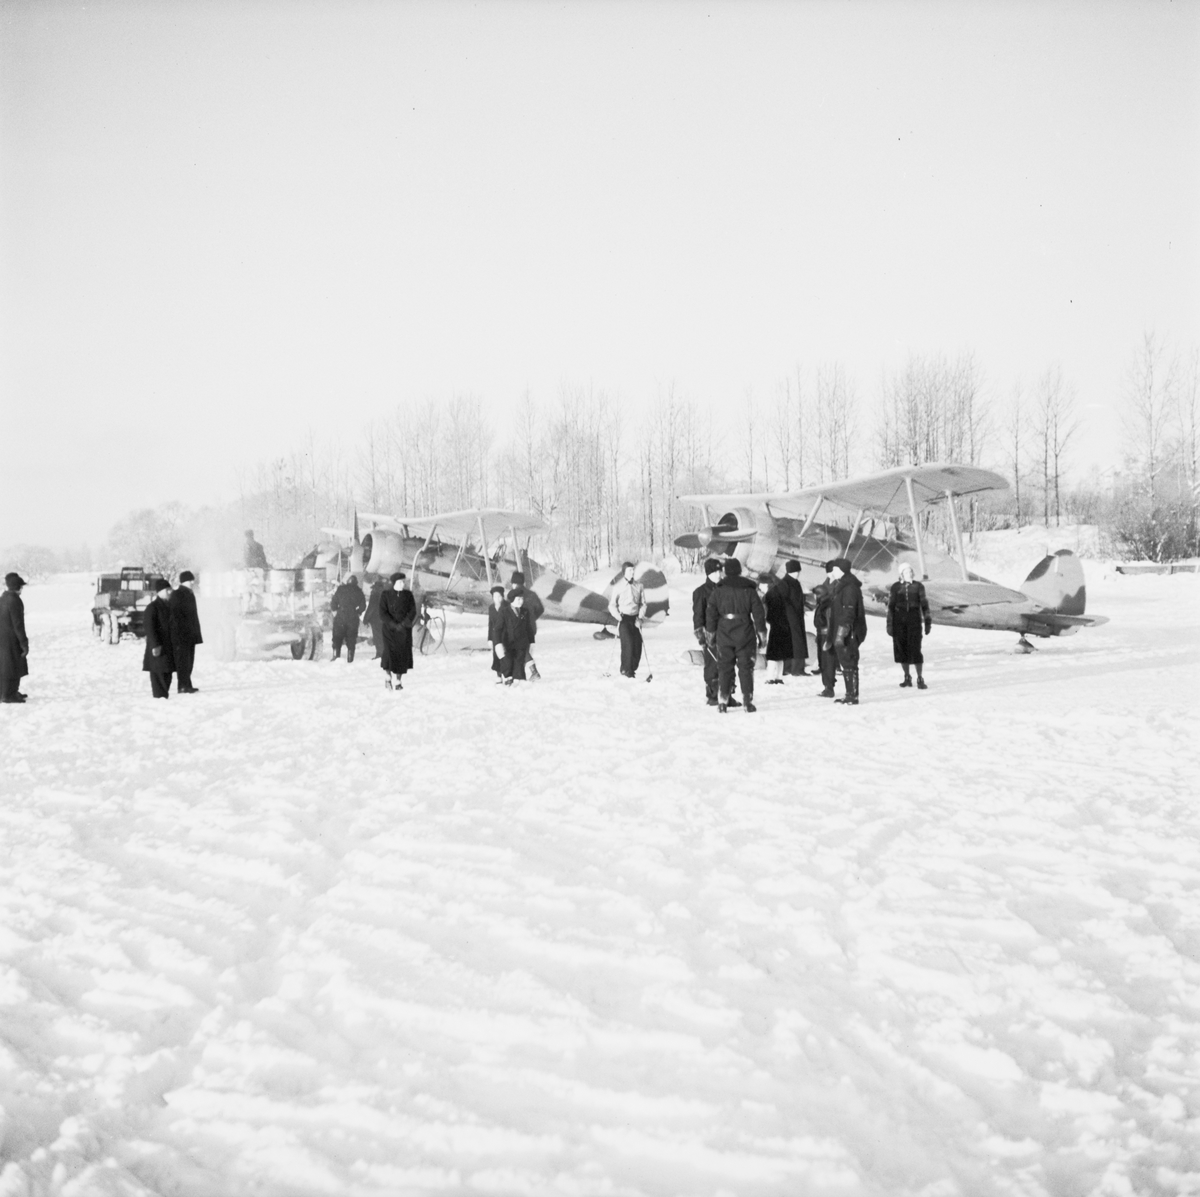 Militärer och Ljusdalsbor samlade på flygfältet på Kyrksjöns is i Ljusdal den 1 januari 1940. I bakgrunden står två flygplan Gloster Gladiator. Flygplanen flög senare vidare till Svenska frivilligkåren i Finland, F 19.